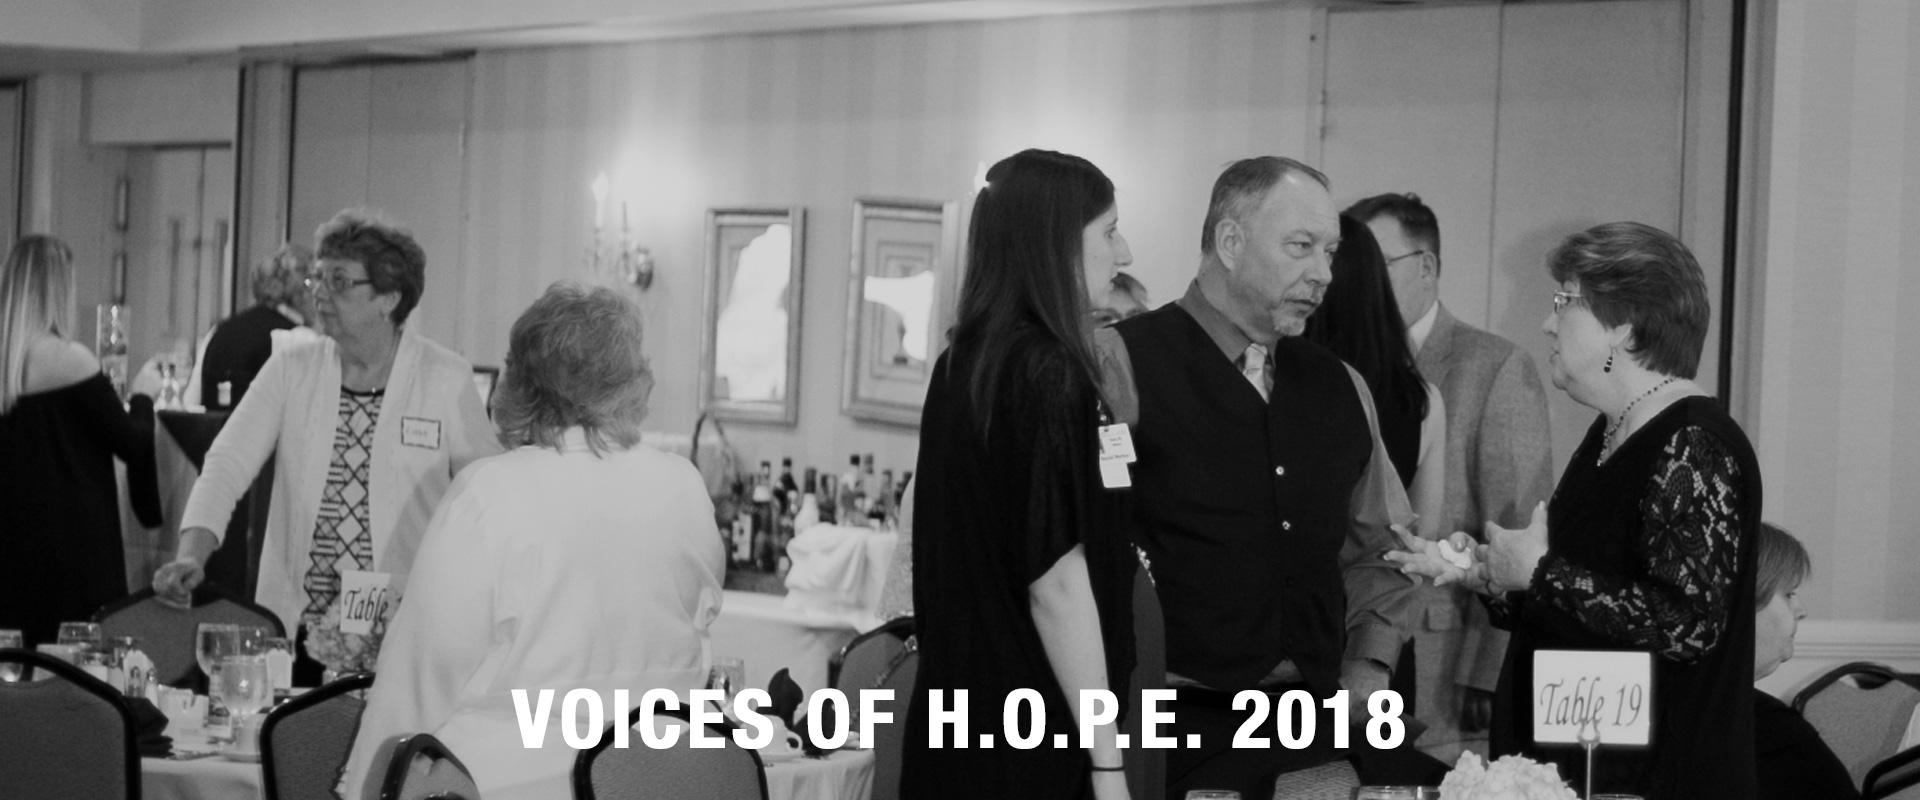 Voices of H.O.P.E. 2018 - 11